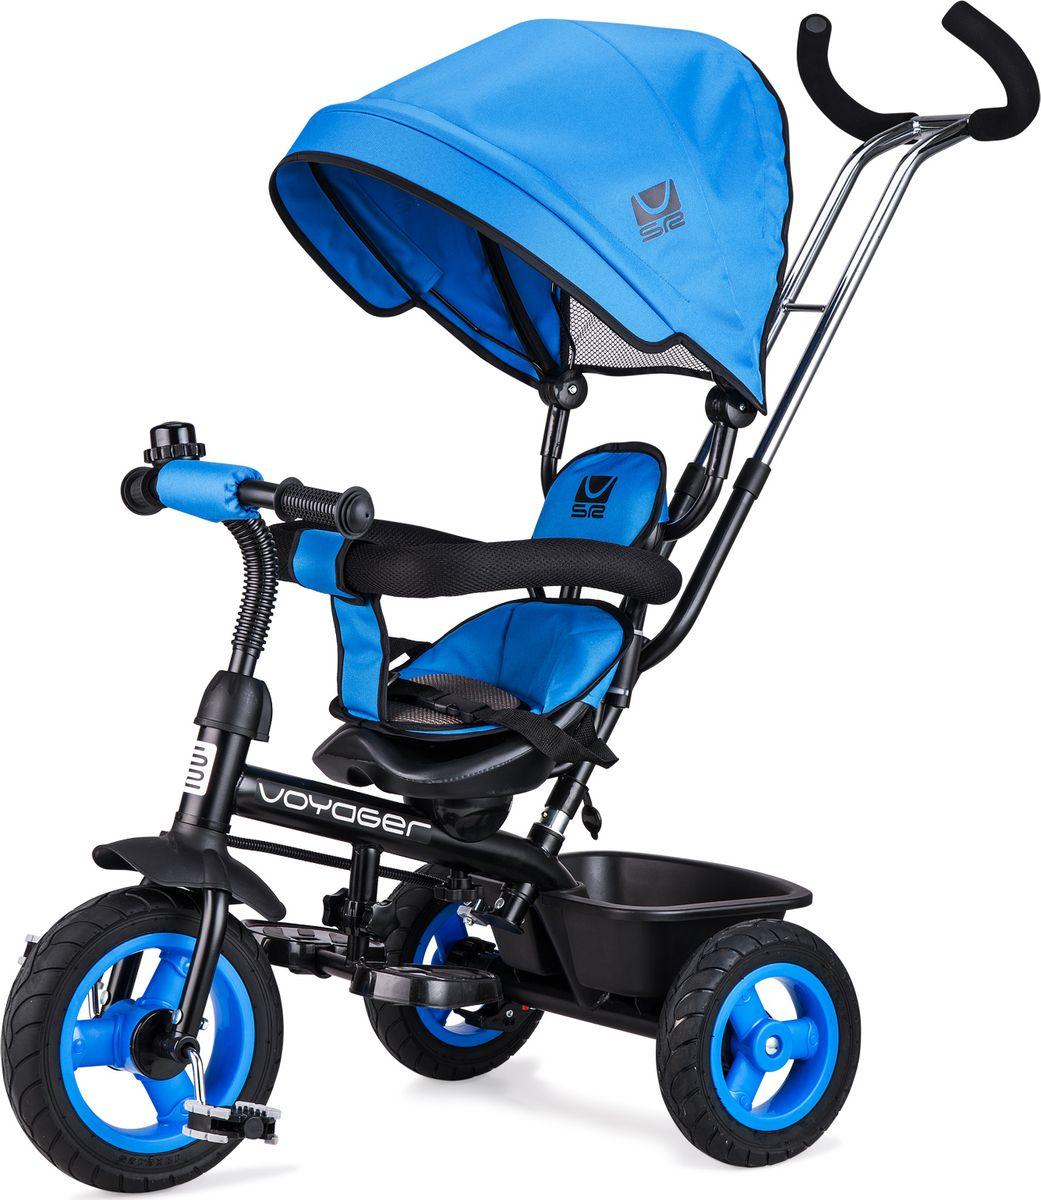 Small Rider Велосипед трехколесный Voyager цвет синий